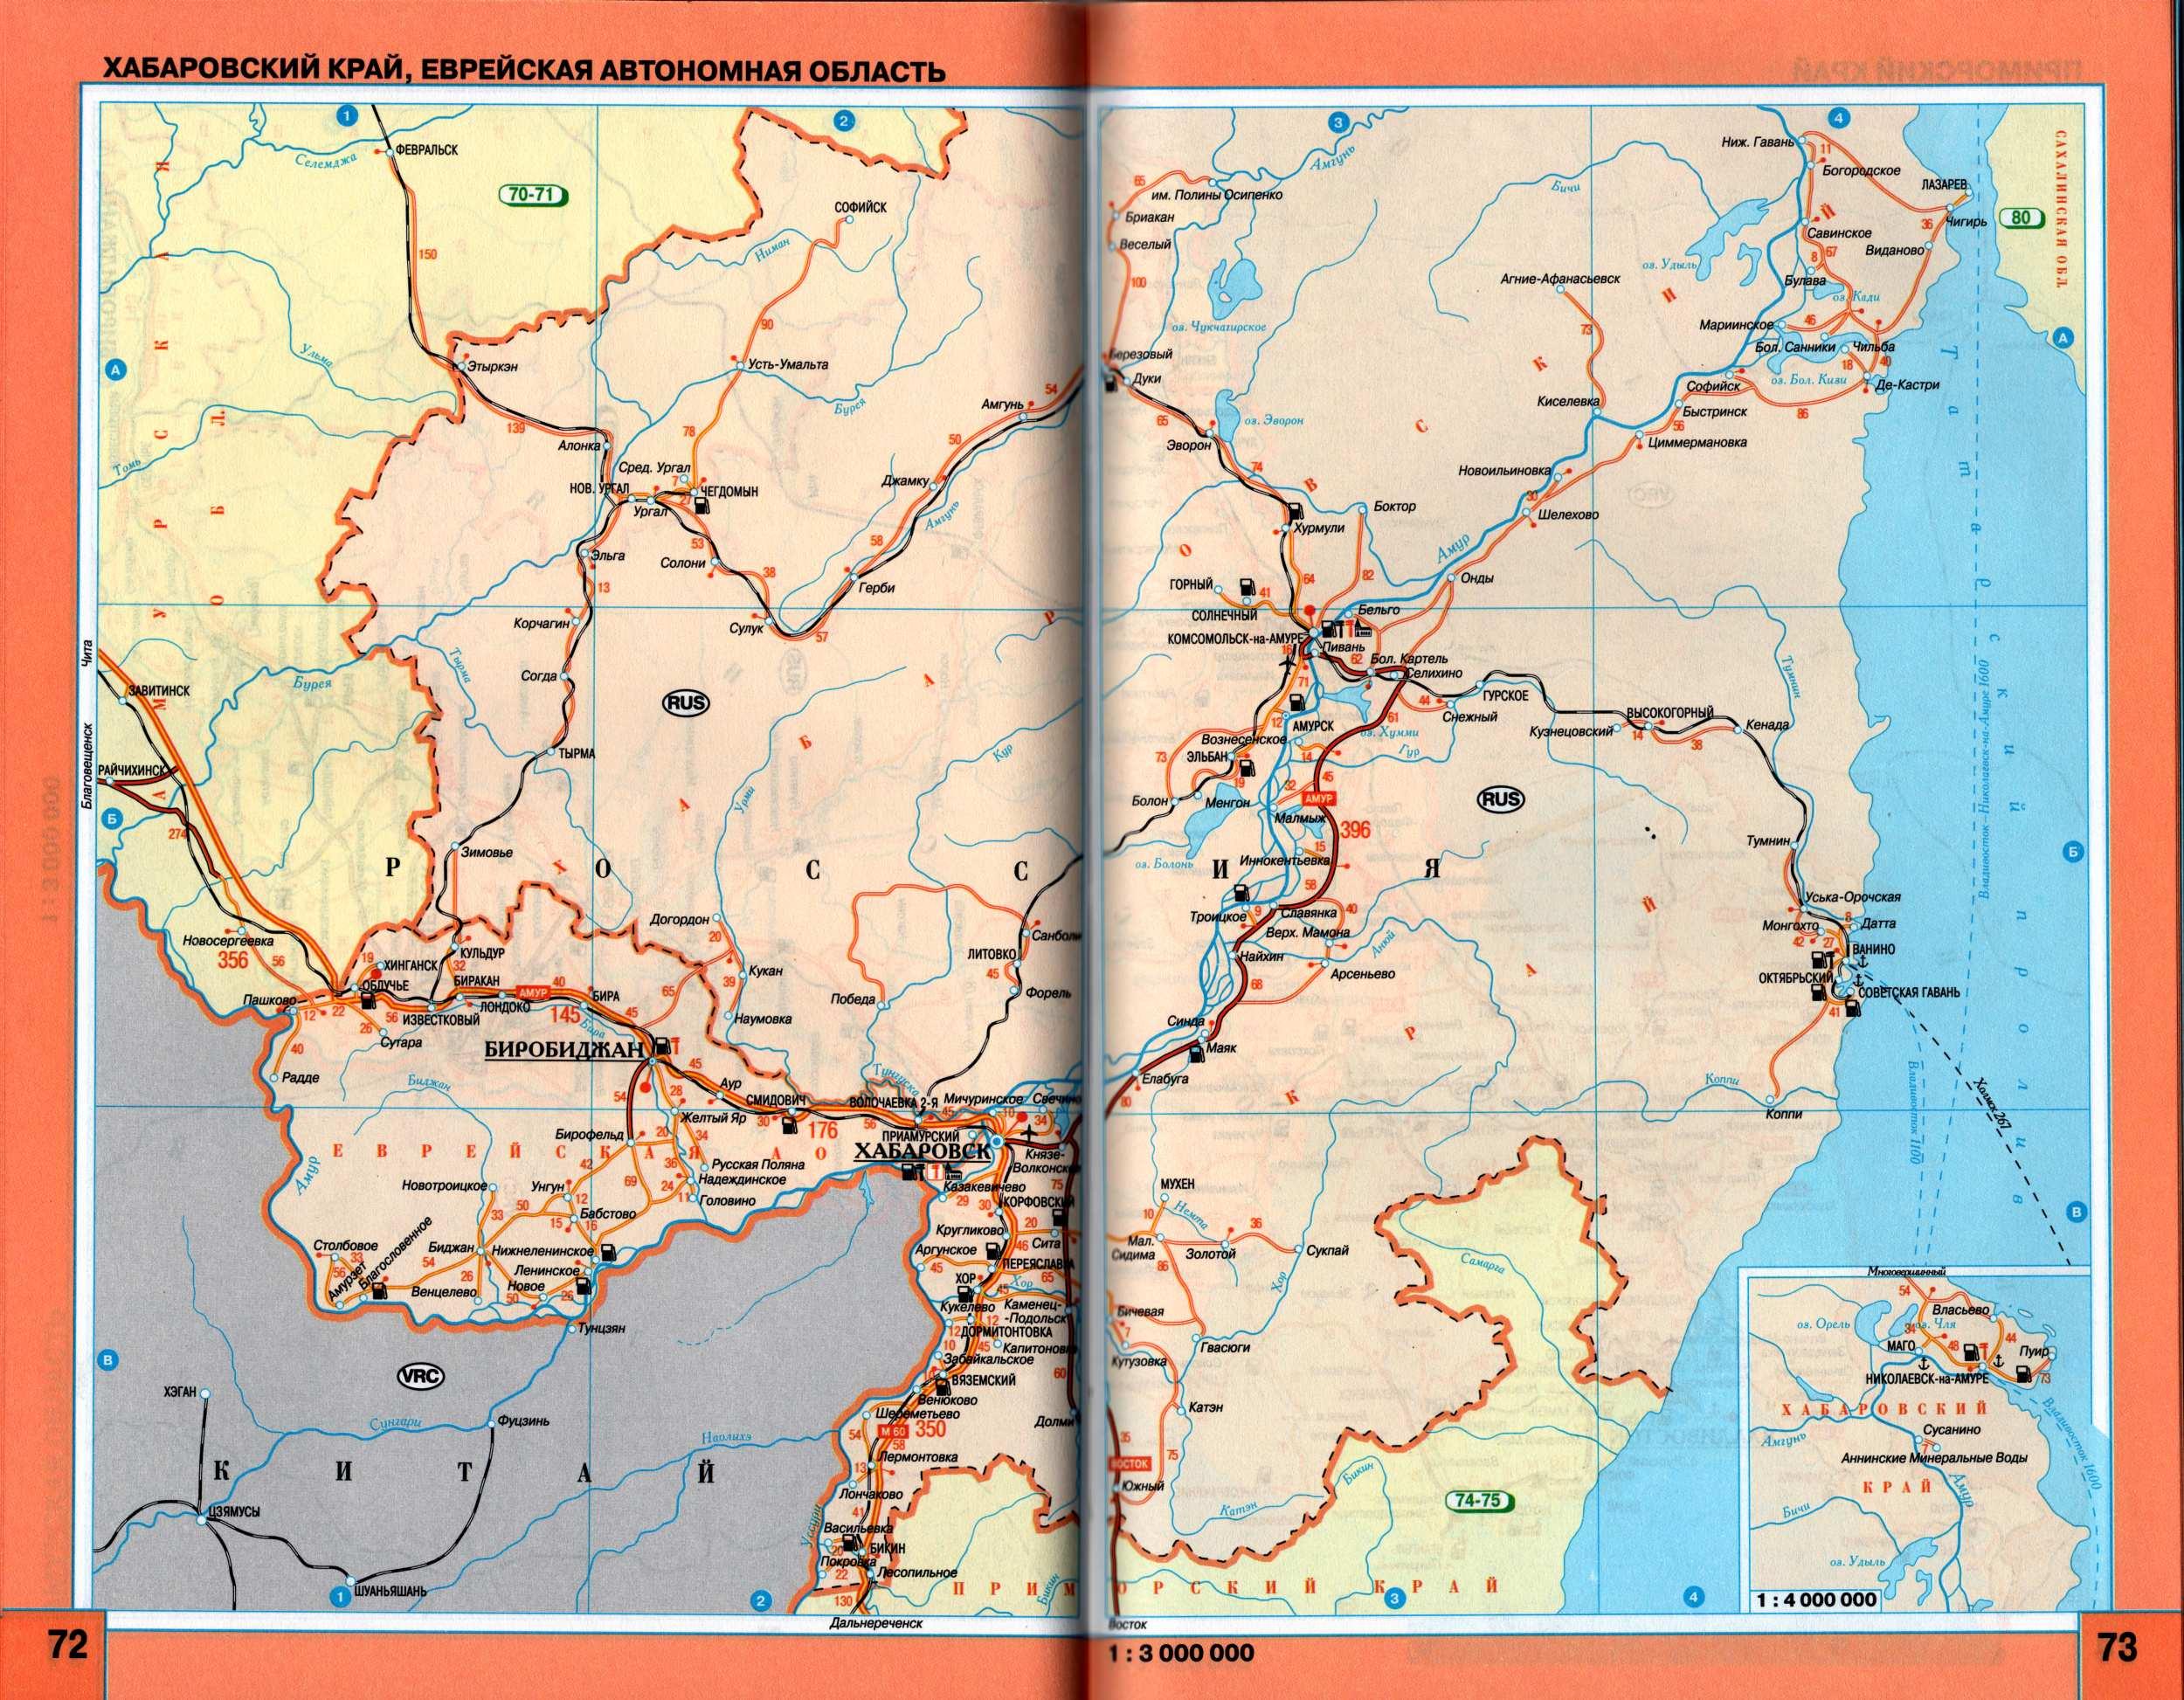 Схема автомобильных дорог Хабаровского края и Еврейской АО.